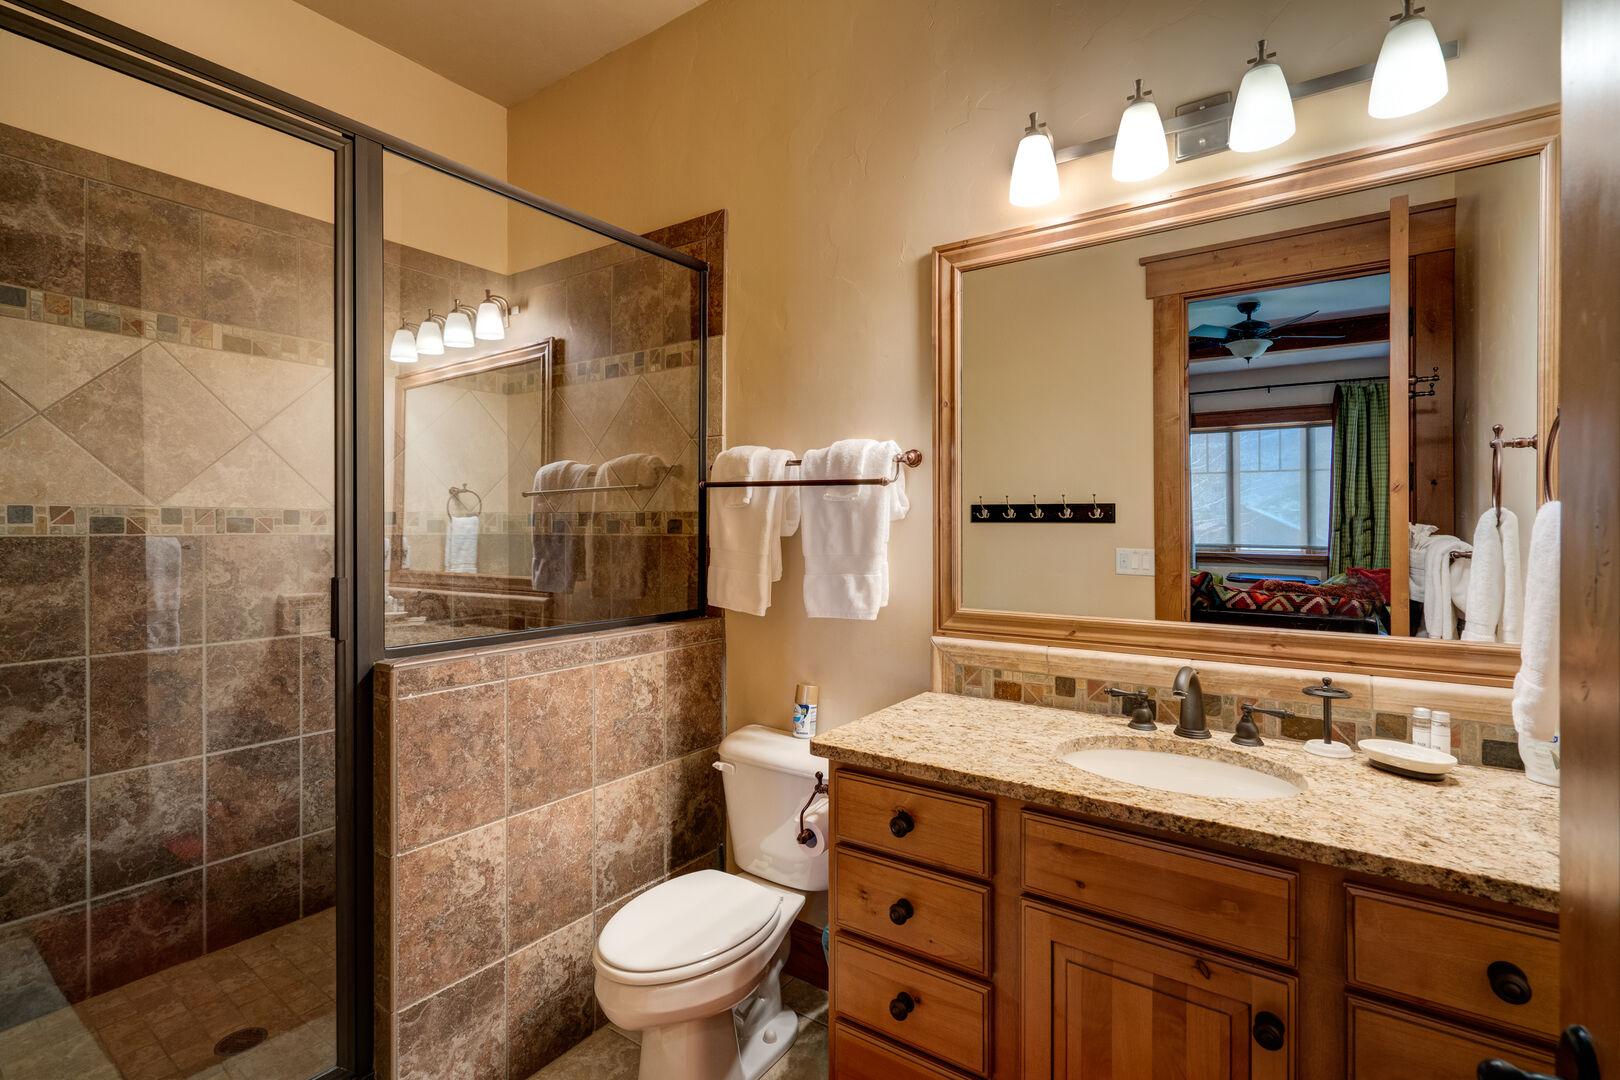 Lower level full bathroom in the TV room